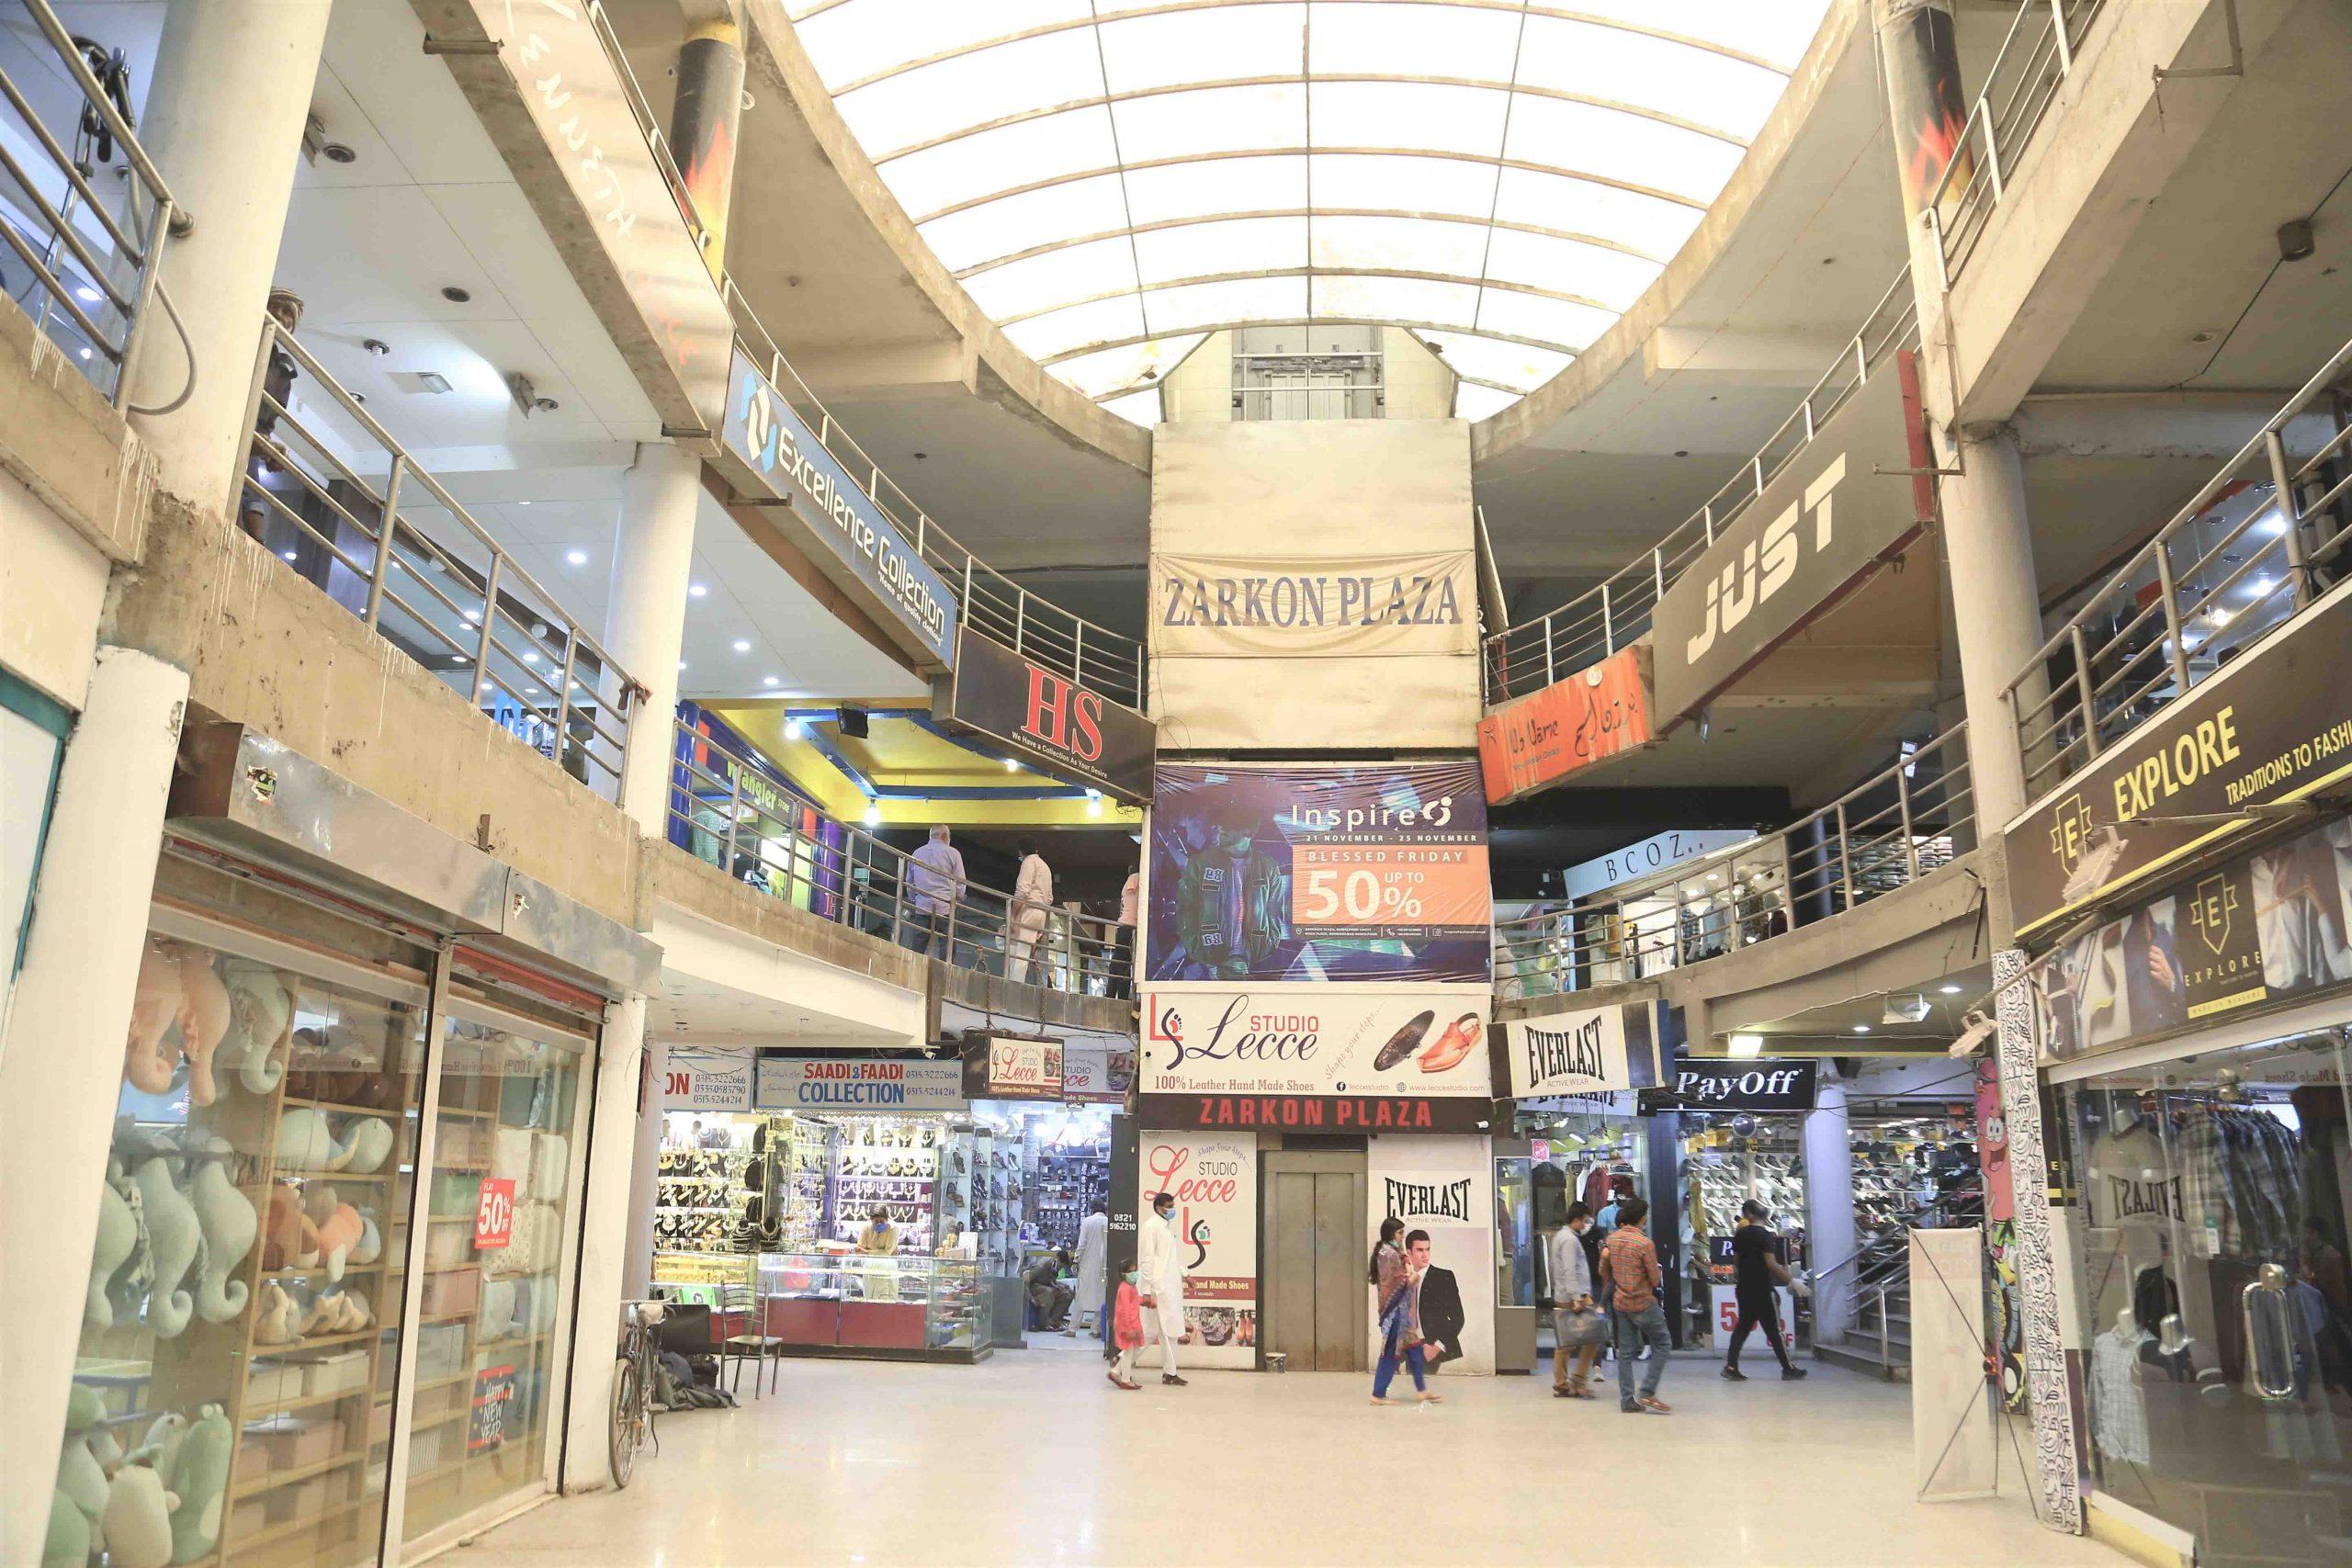 Zarkon Plaza 2 Saddar Rawalpindi Interior Views - FAH33M (6) - Q-L0-BO